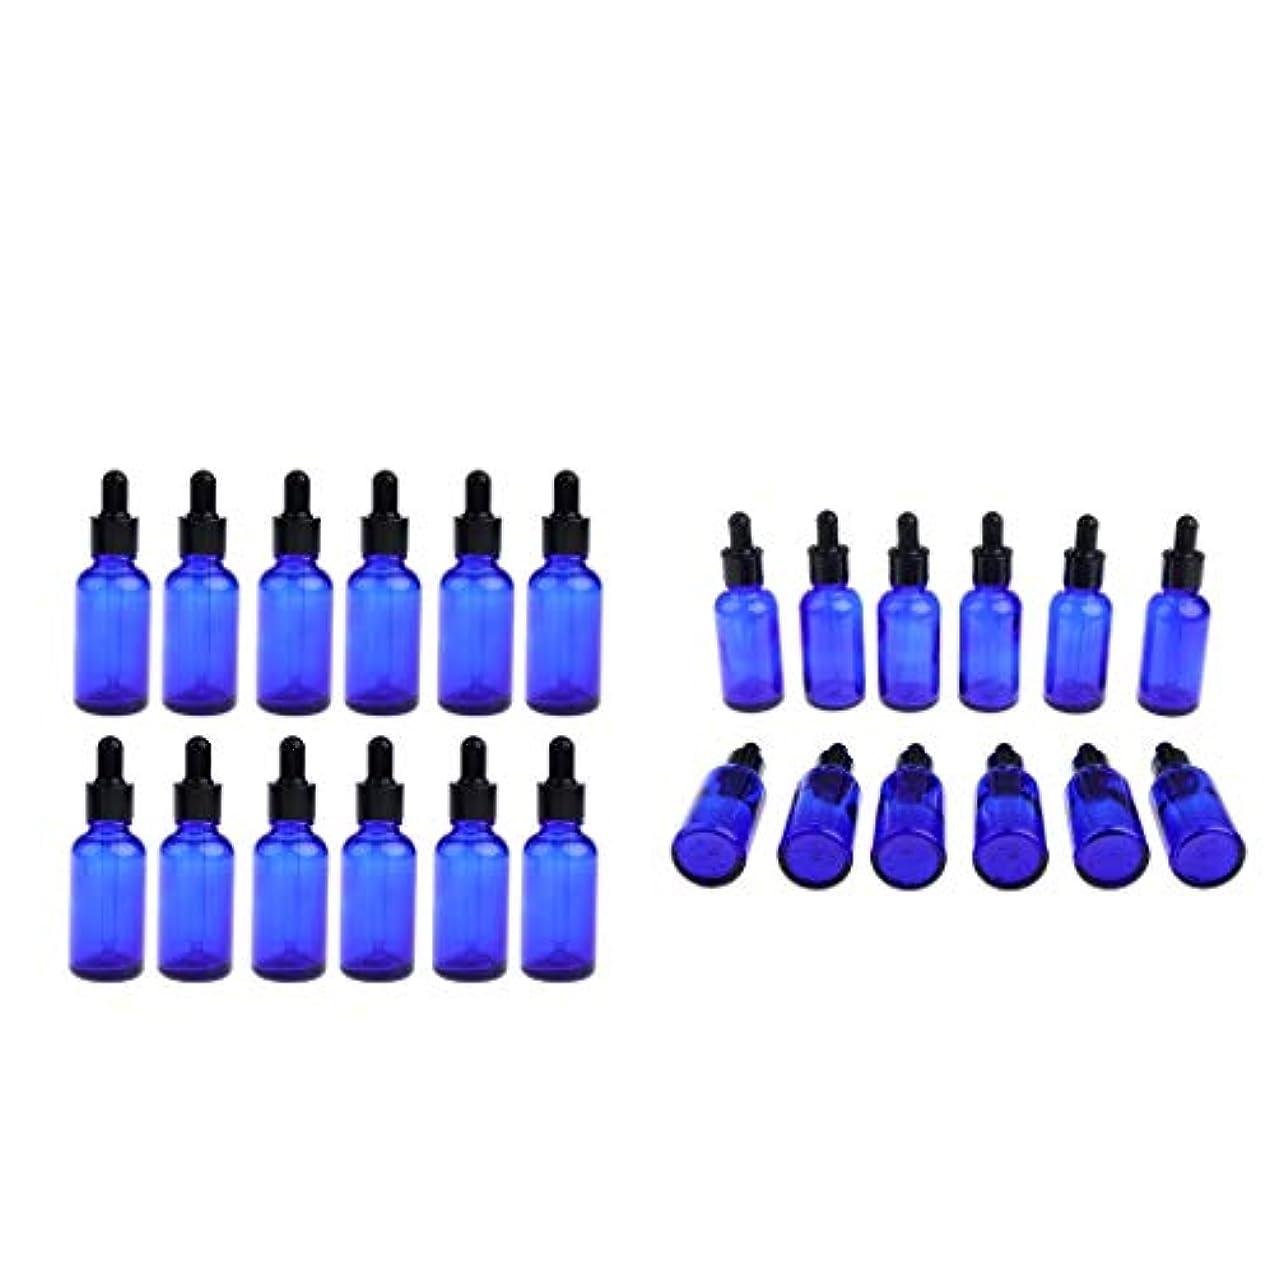 カタログ動機つま先スポイトボトル ガラス 滴瓶 ドロッパーボトル 30ml アロマボトル スポイト精油分け瓶